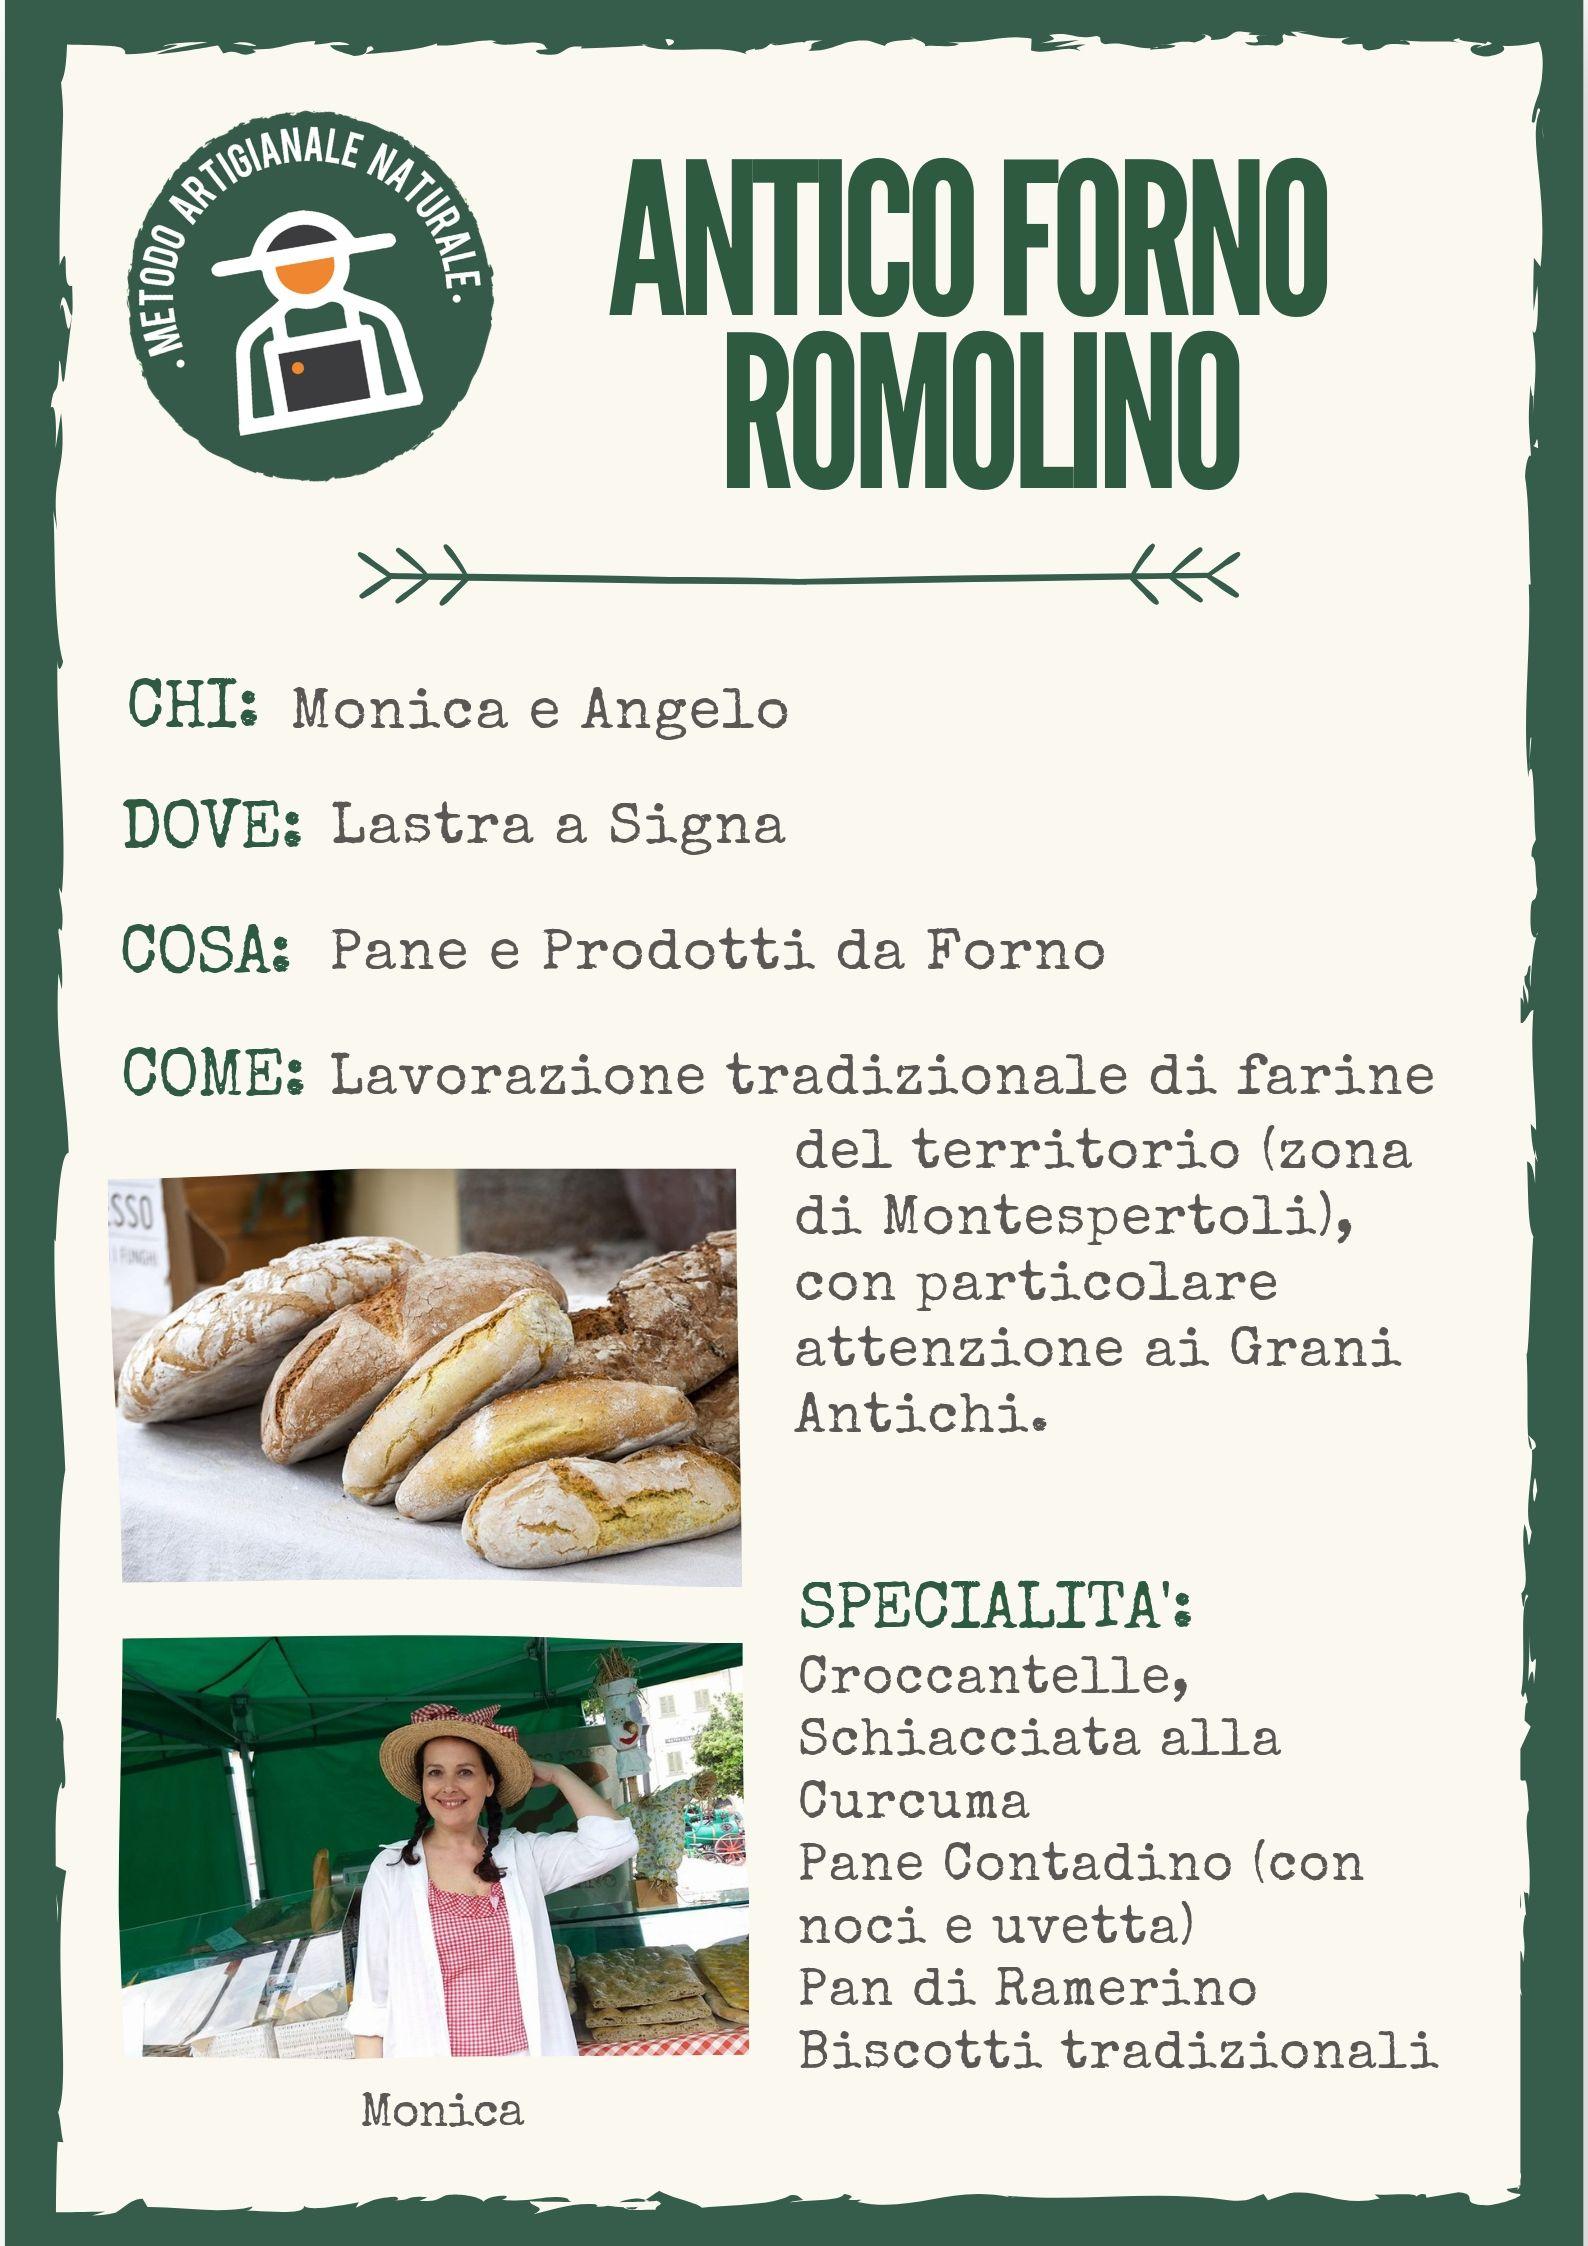 Antico Forno Romolino